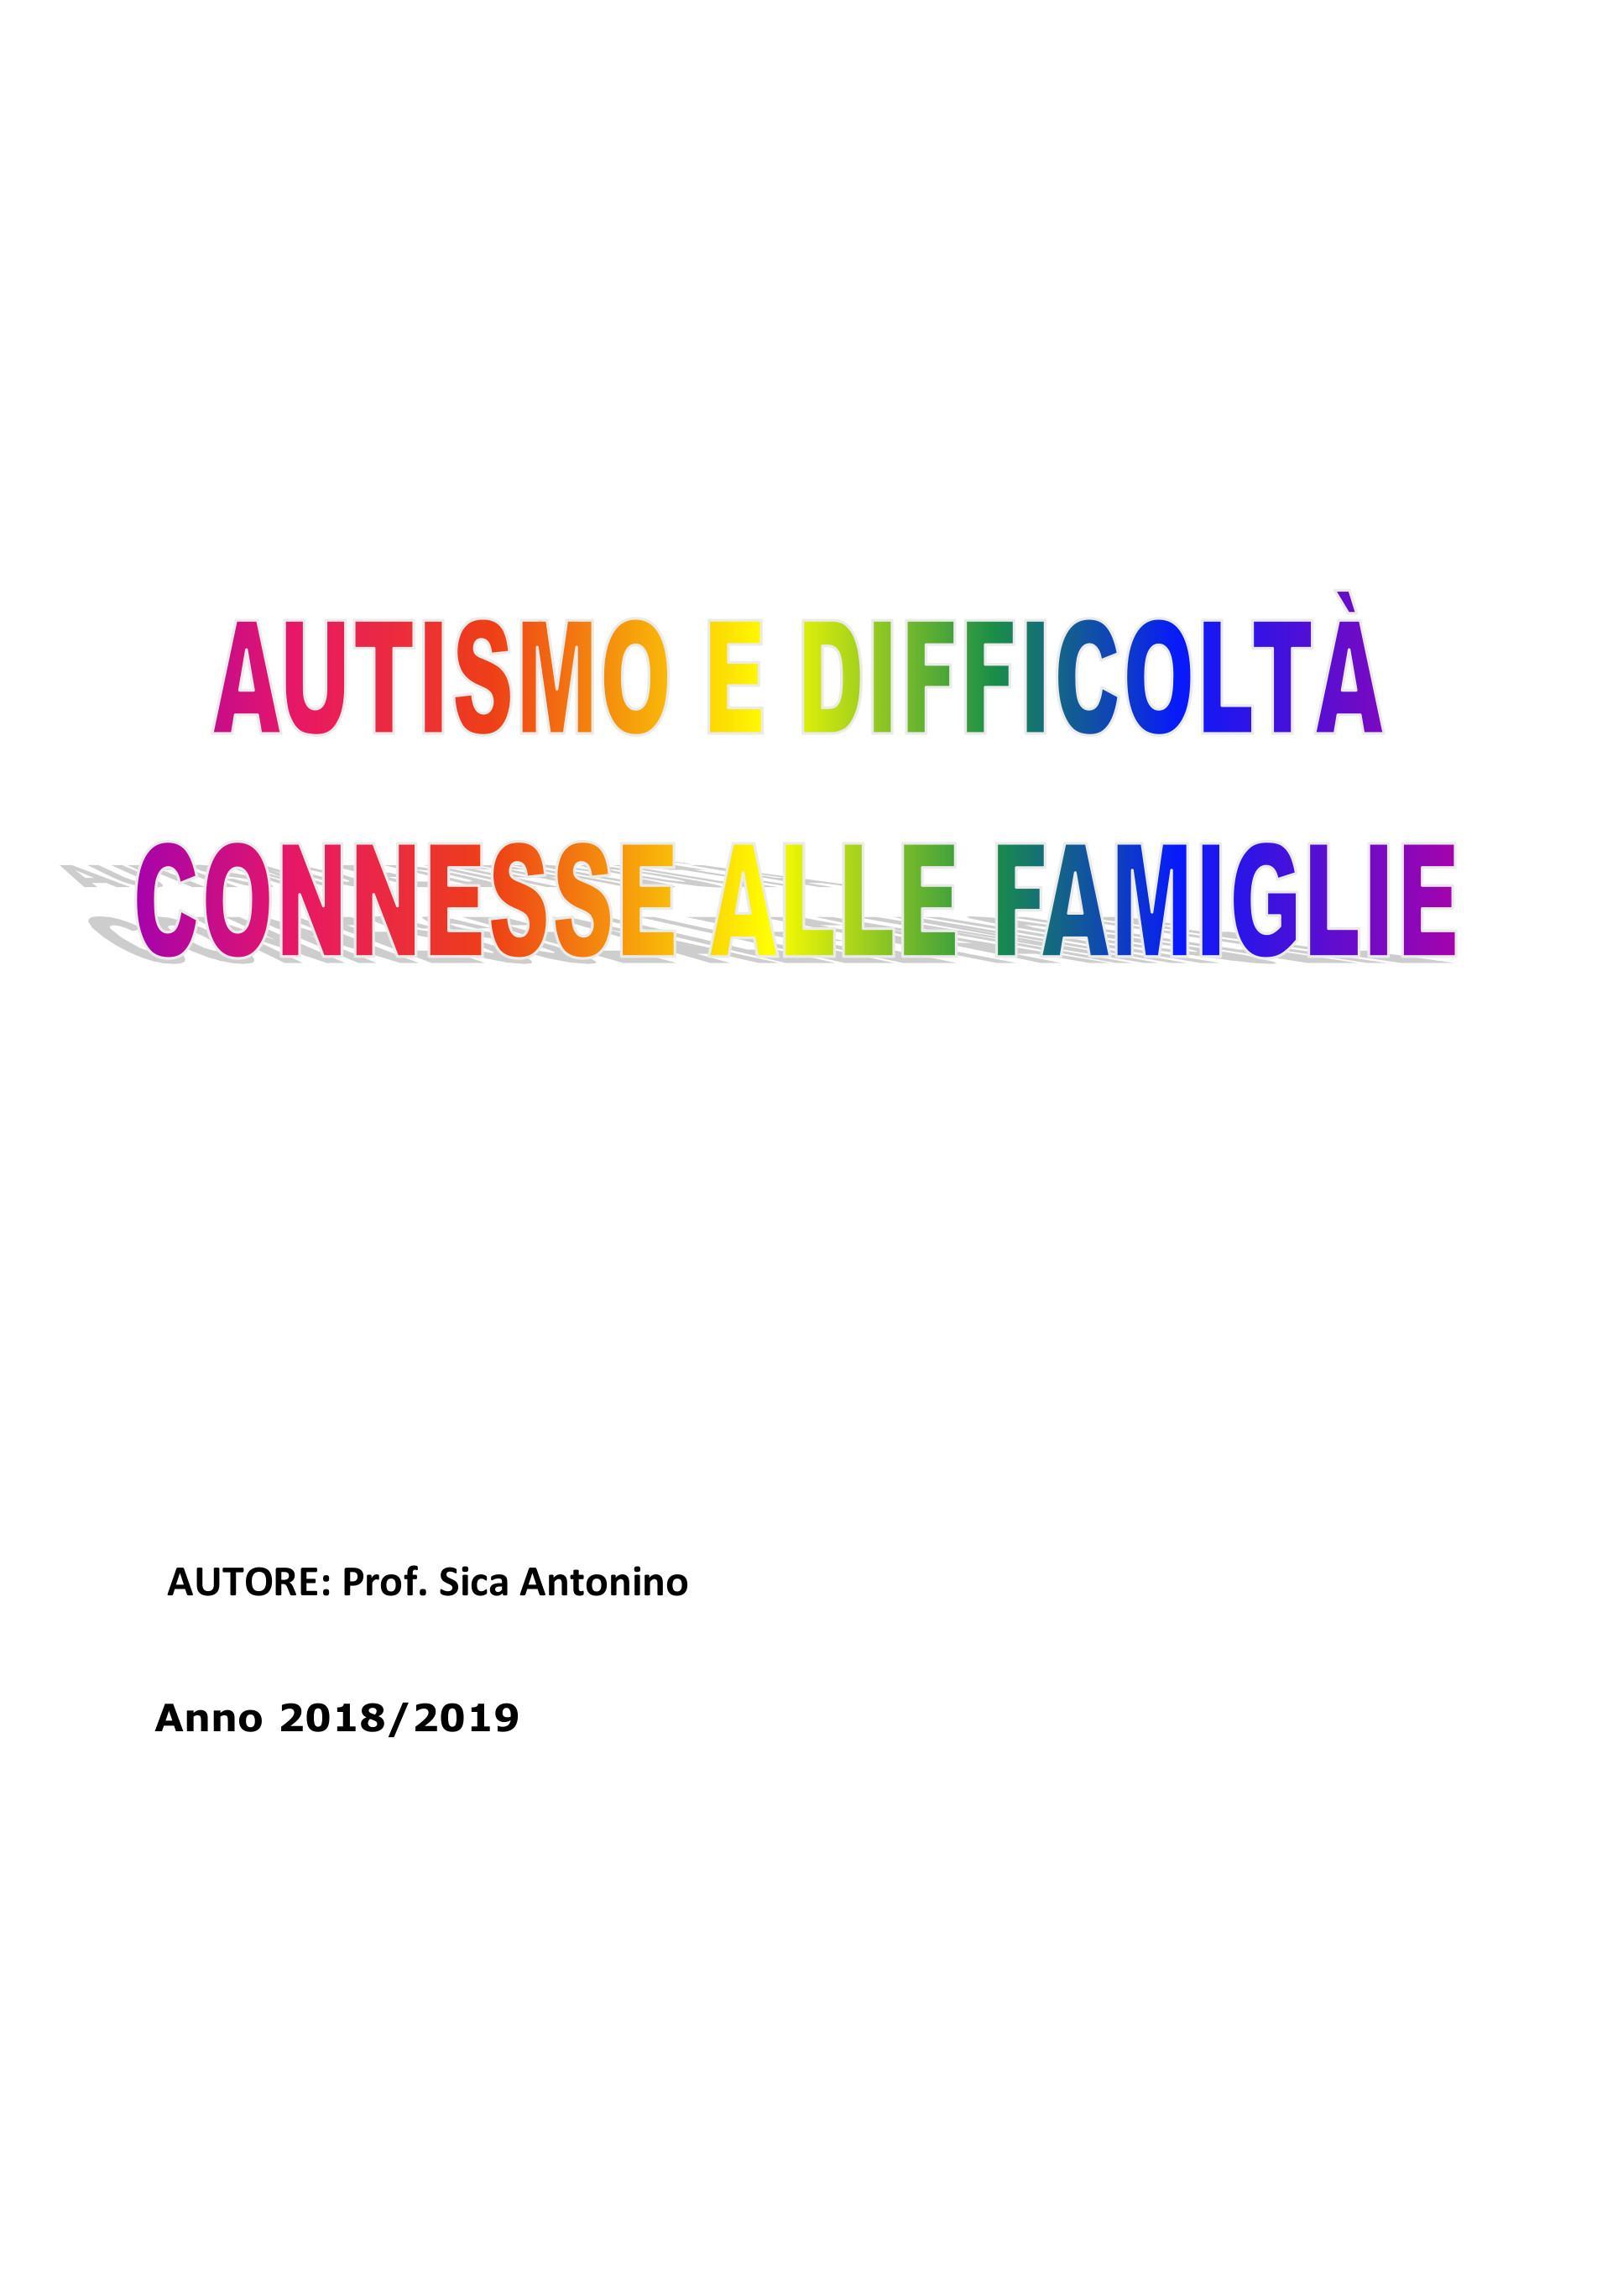 Autismo e difficoltà connesse alle famiglie